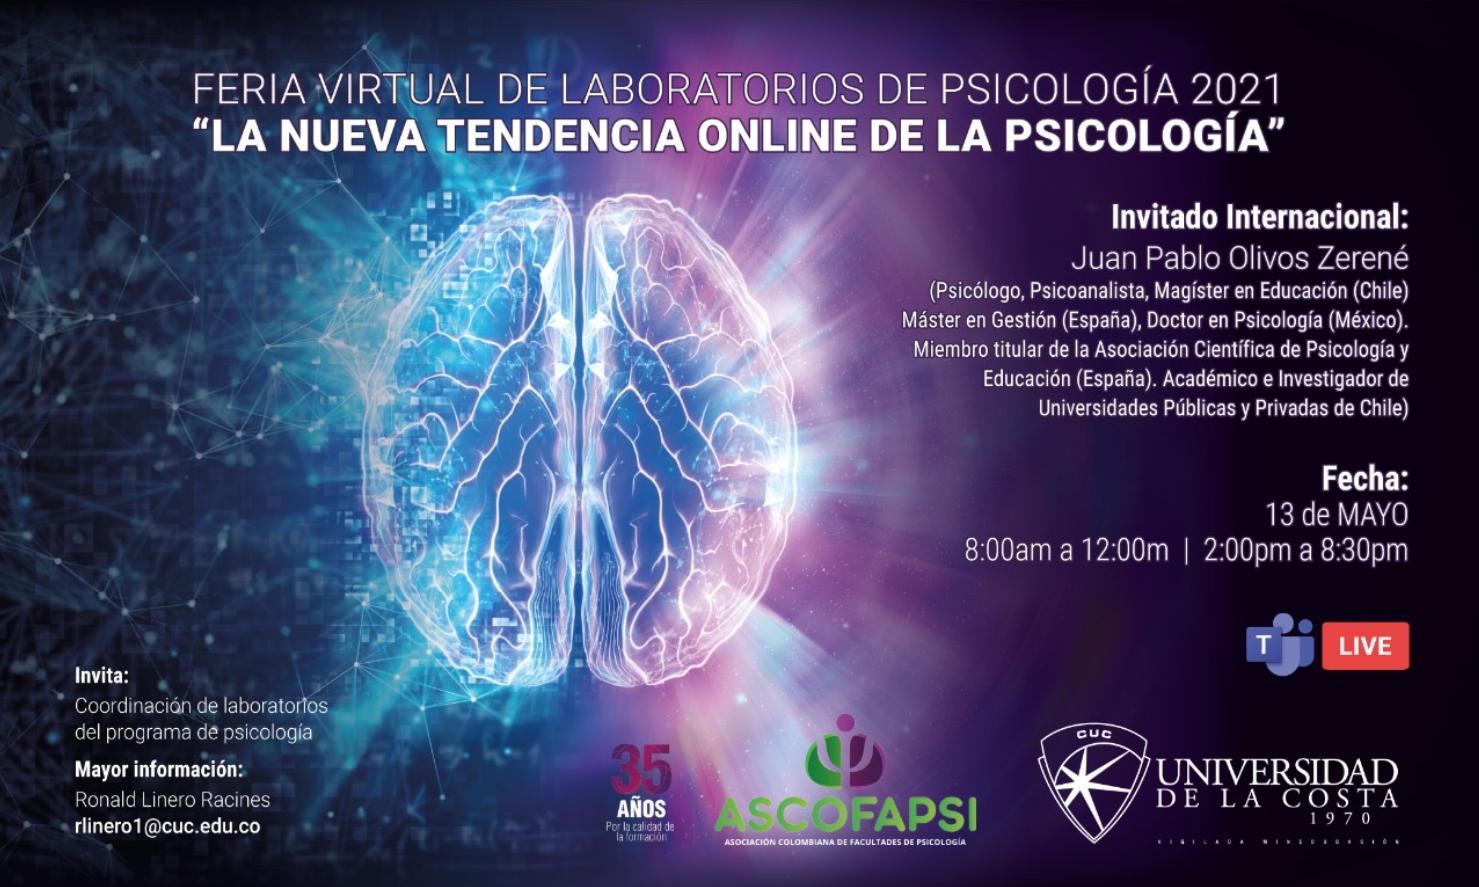 Feria virtual de laboratorios de Psicología 2021